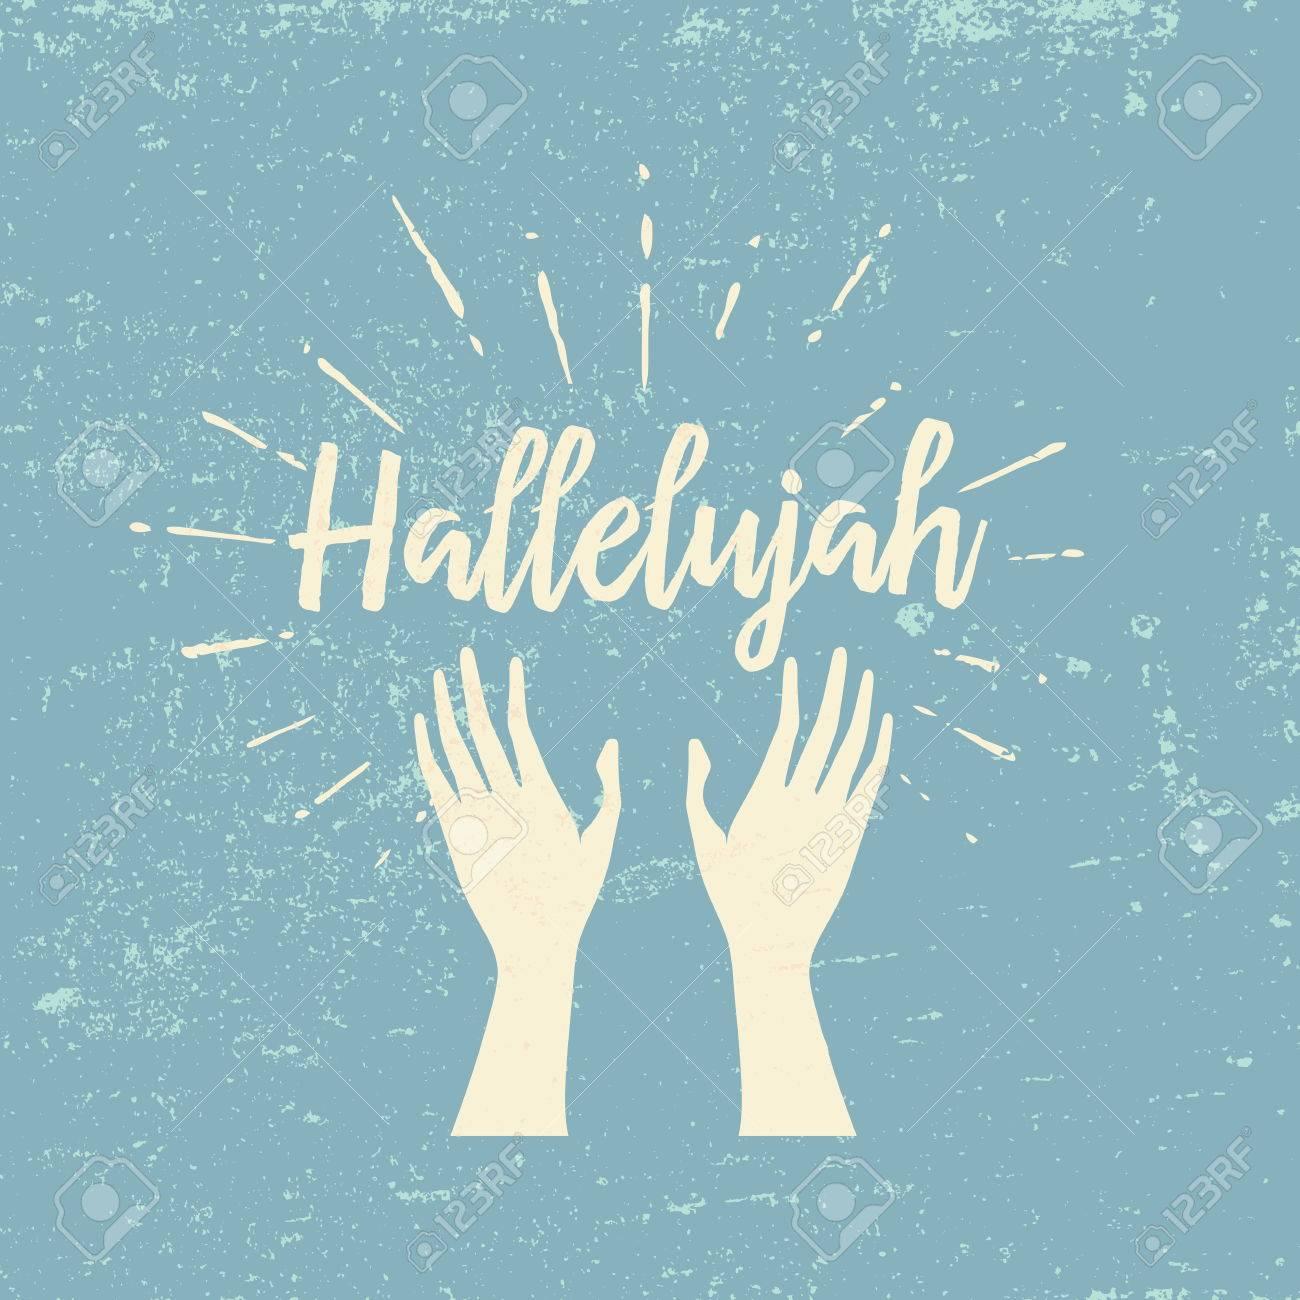 Image result for hallelujah